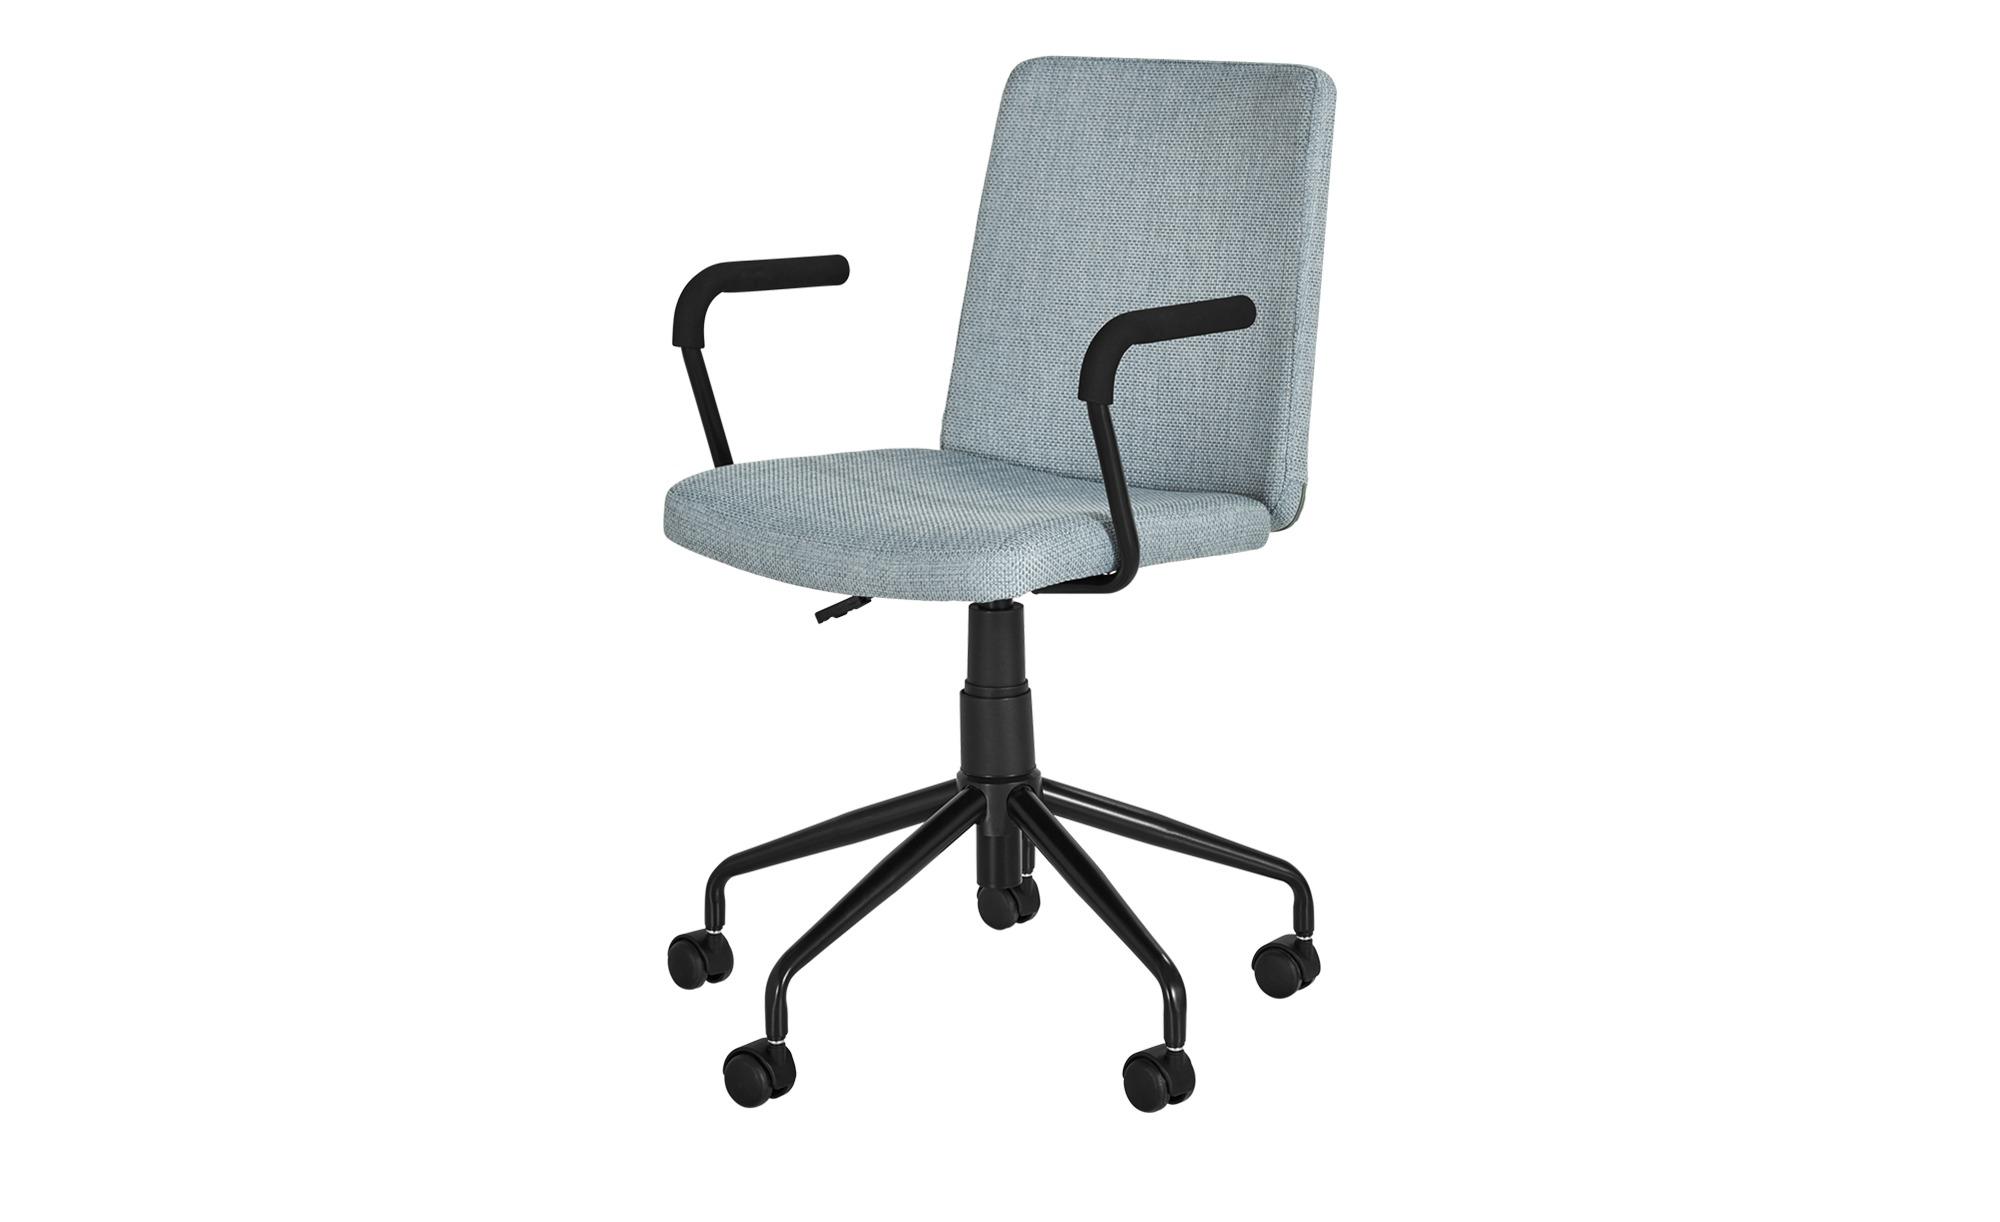 Bürodrehstuhl Andoma ¦ blau Stühle > Bürostühle > Drehstühle Höffner